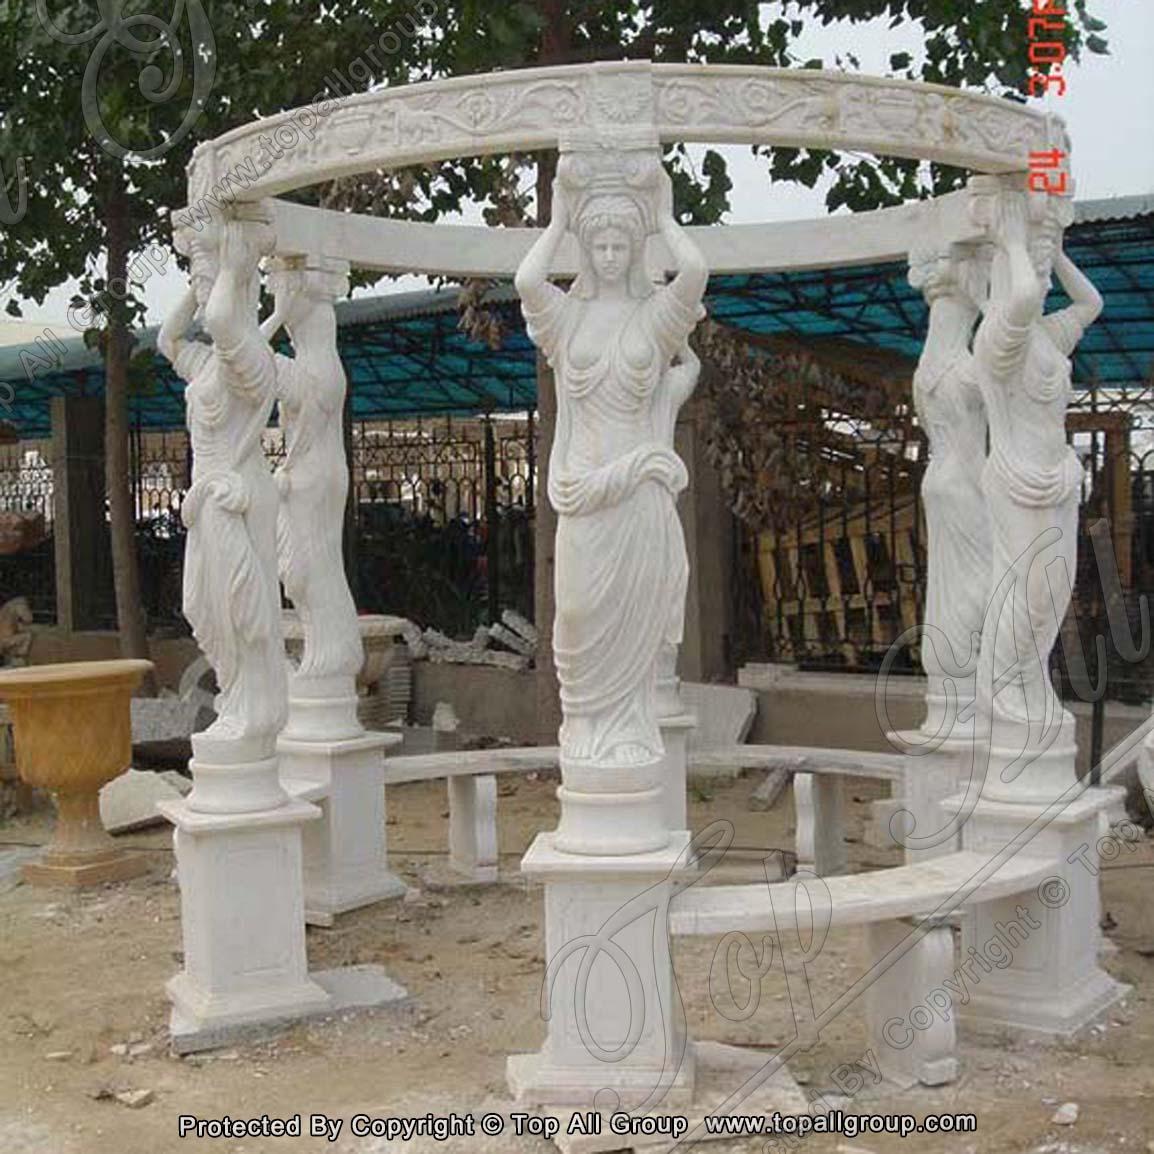 Stone gazebo with women statue